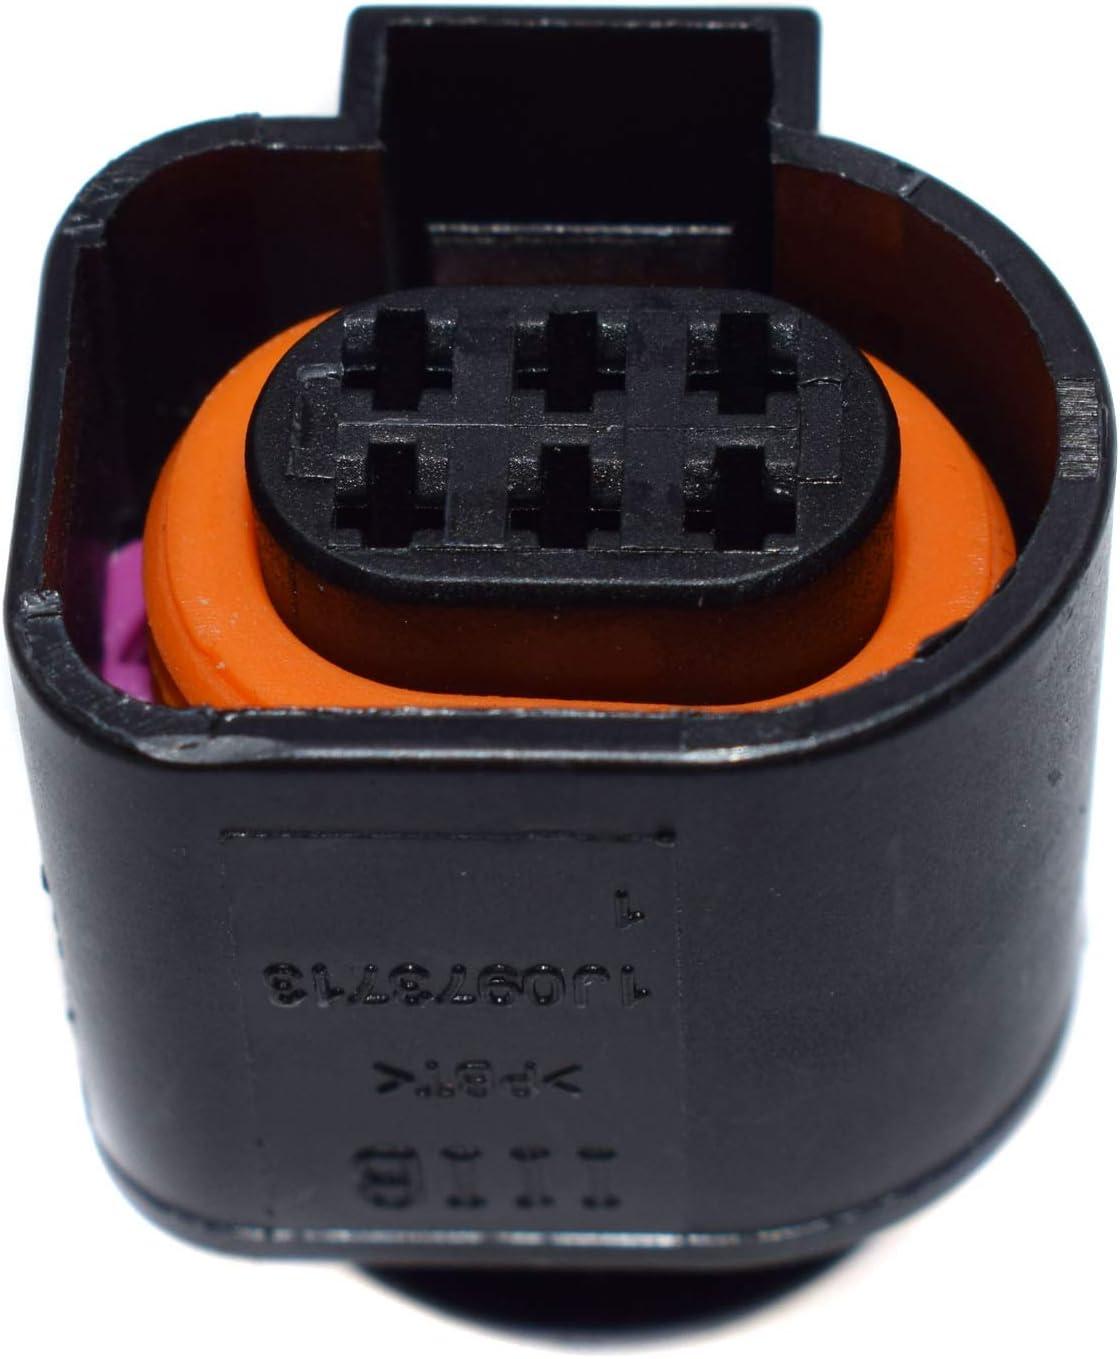 1J0973713 Wideband Lambda//AFR Sensor Stecker Set f/ür VWS Passat Jetta GTI AUDIS